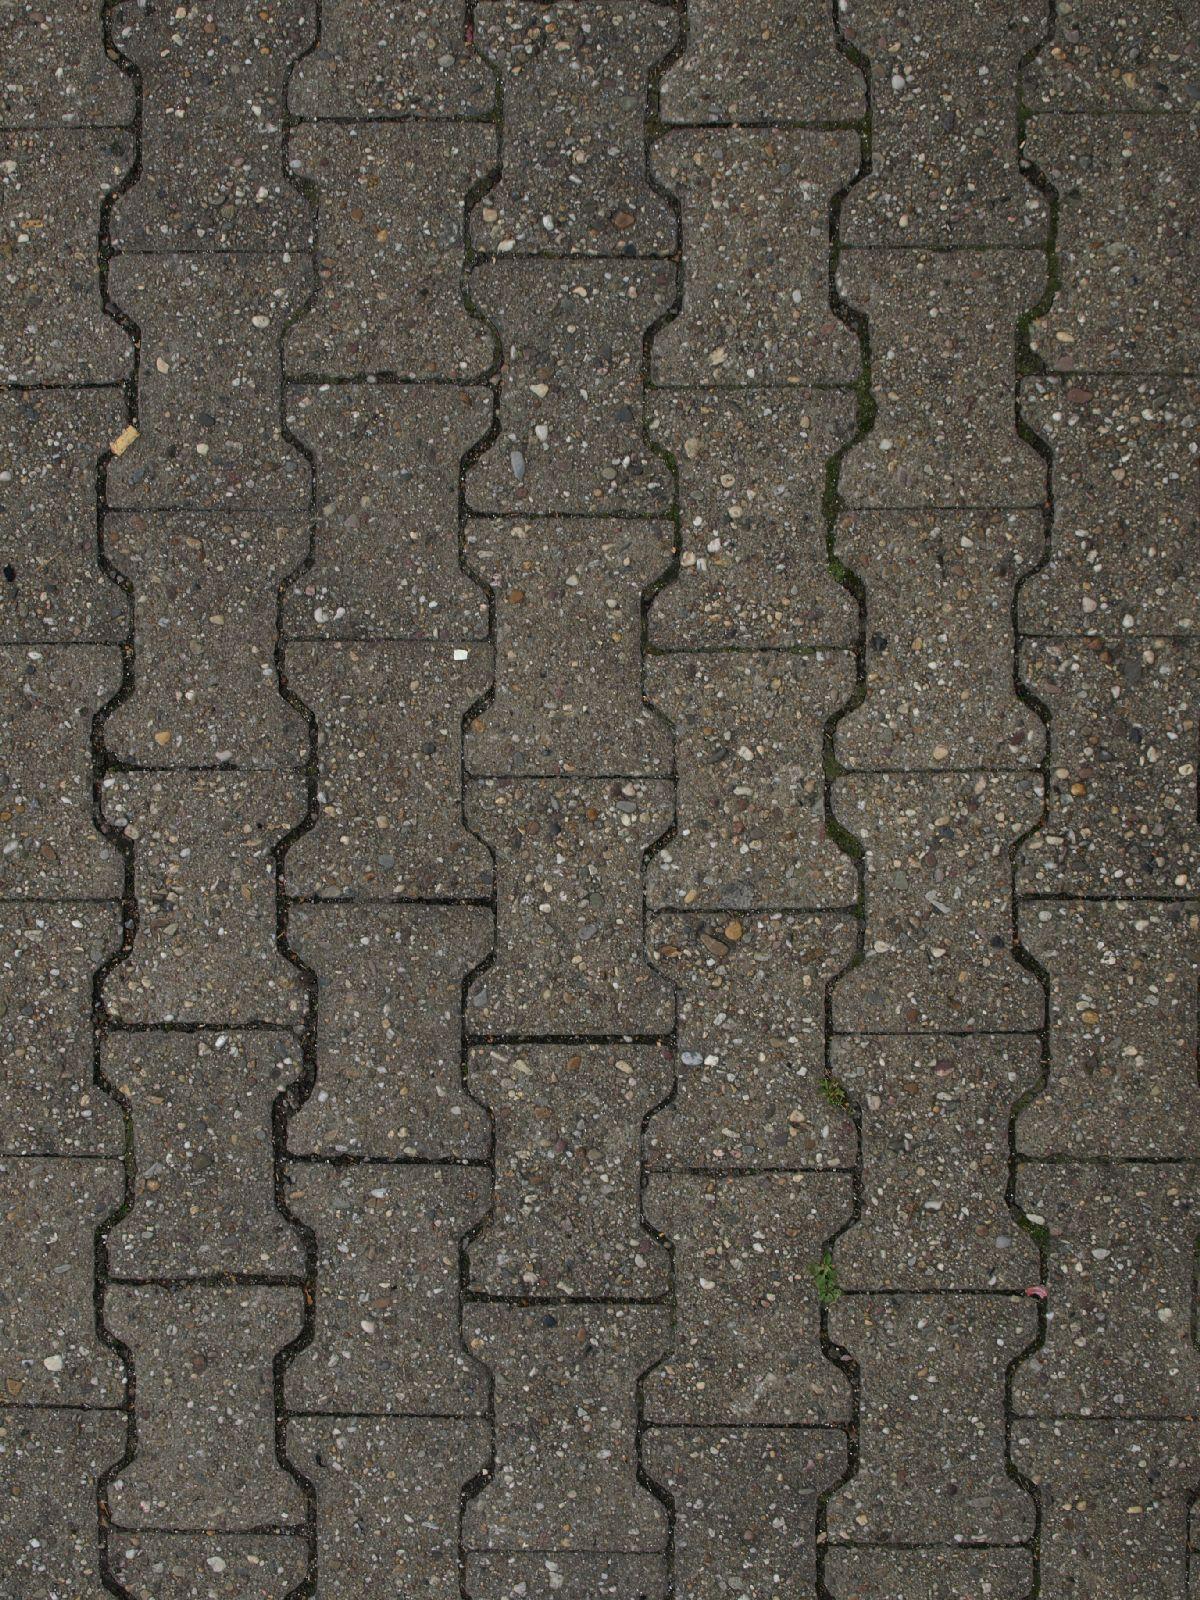 Boden-Gehweg-Strasse-Buergersteig-Textur_A_P9014765